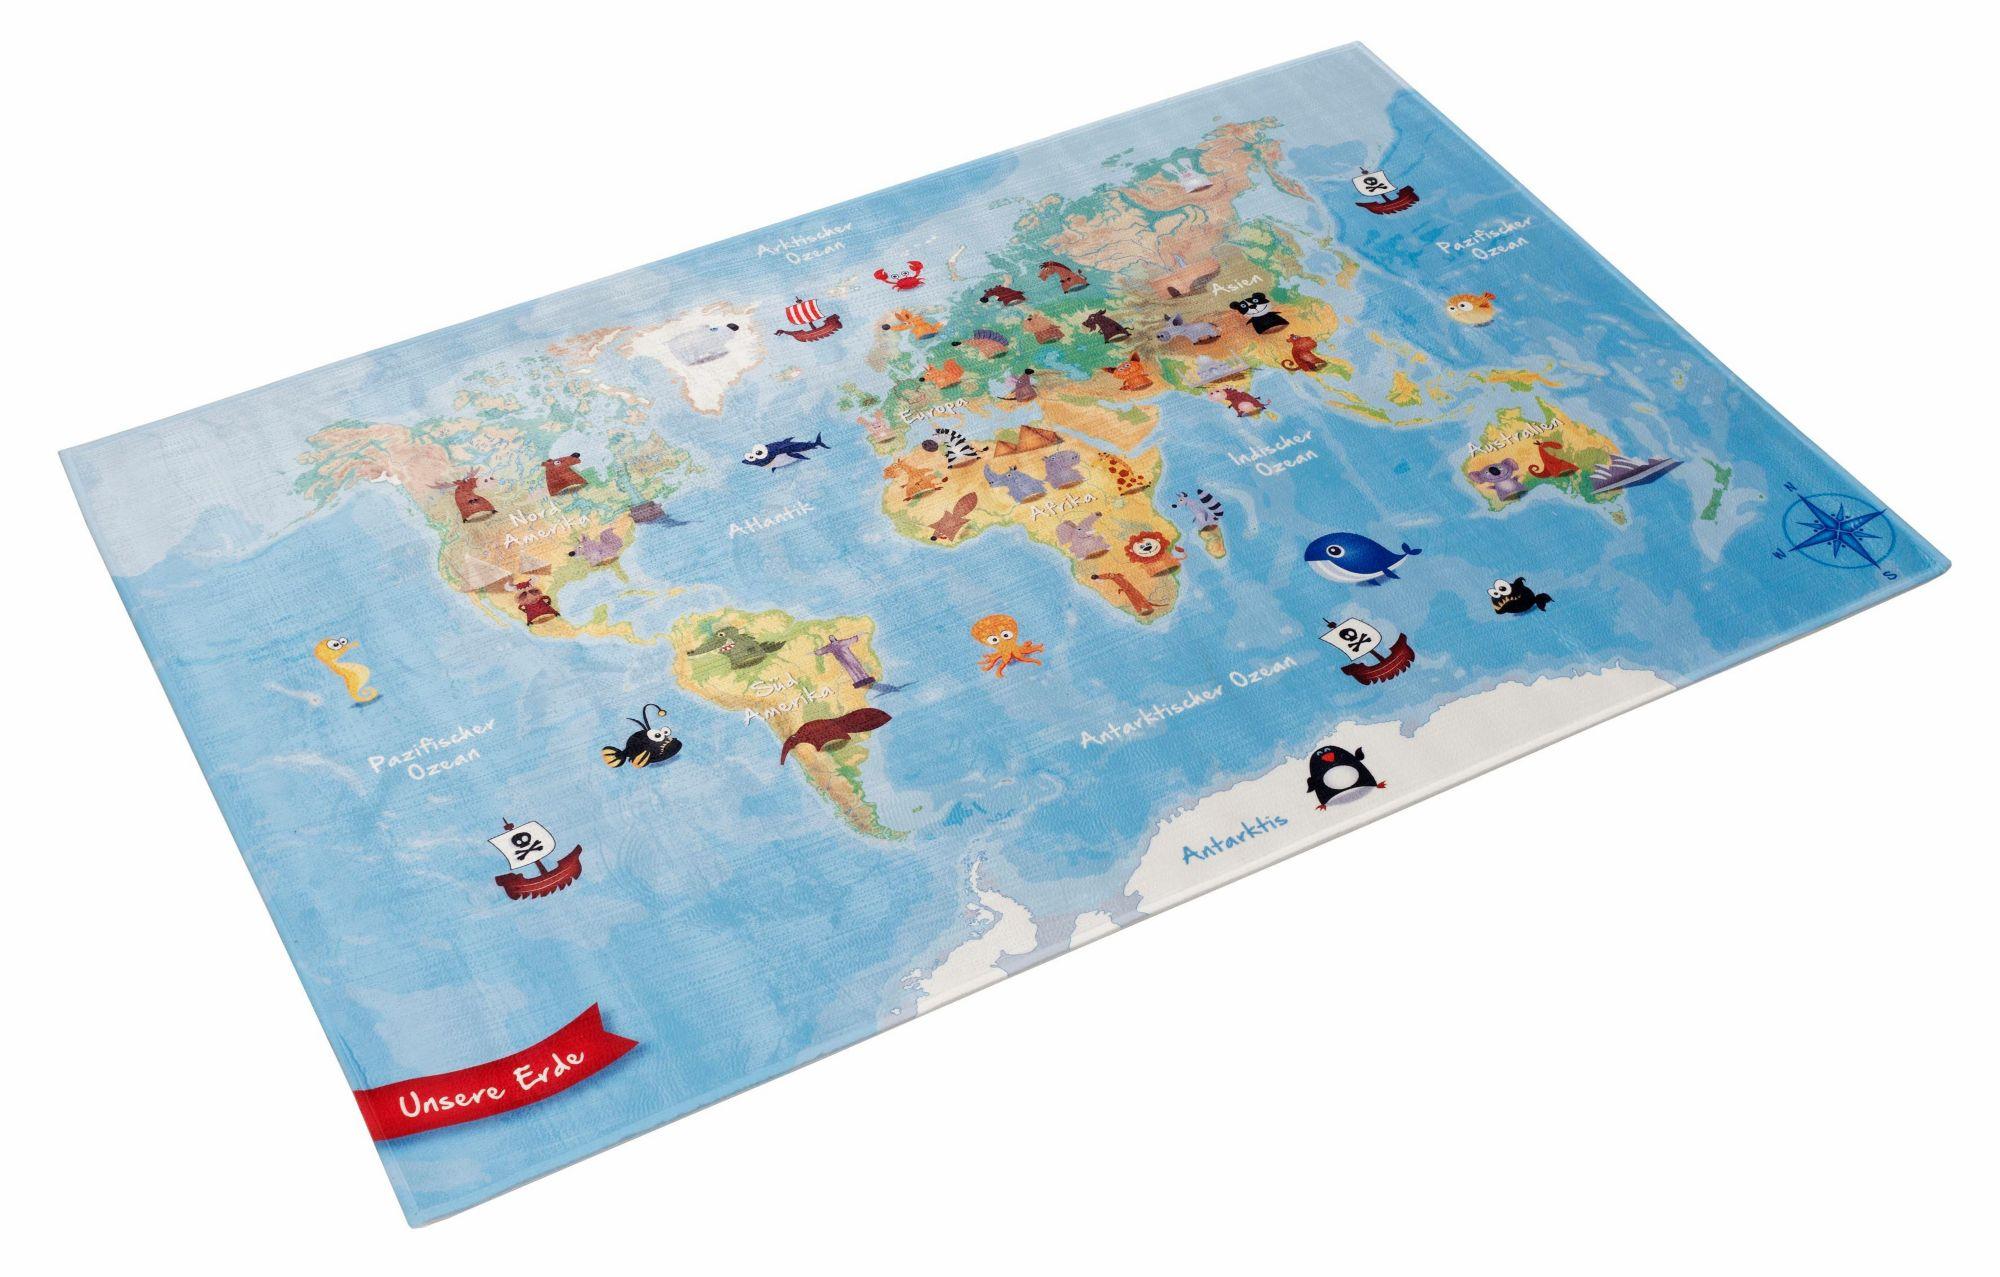 BÖING CARPET Kinderteppich, »Lovely Kids 413«, Böing Carpet, rechteckig, Höhe 6 mm, gedruckt